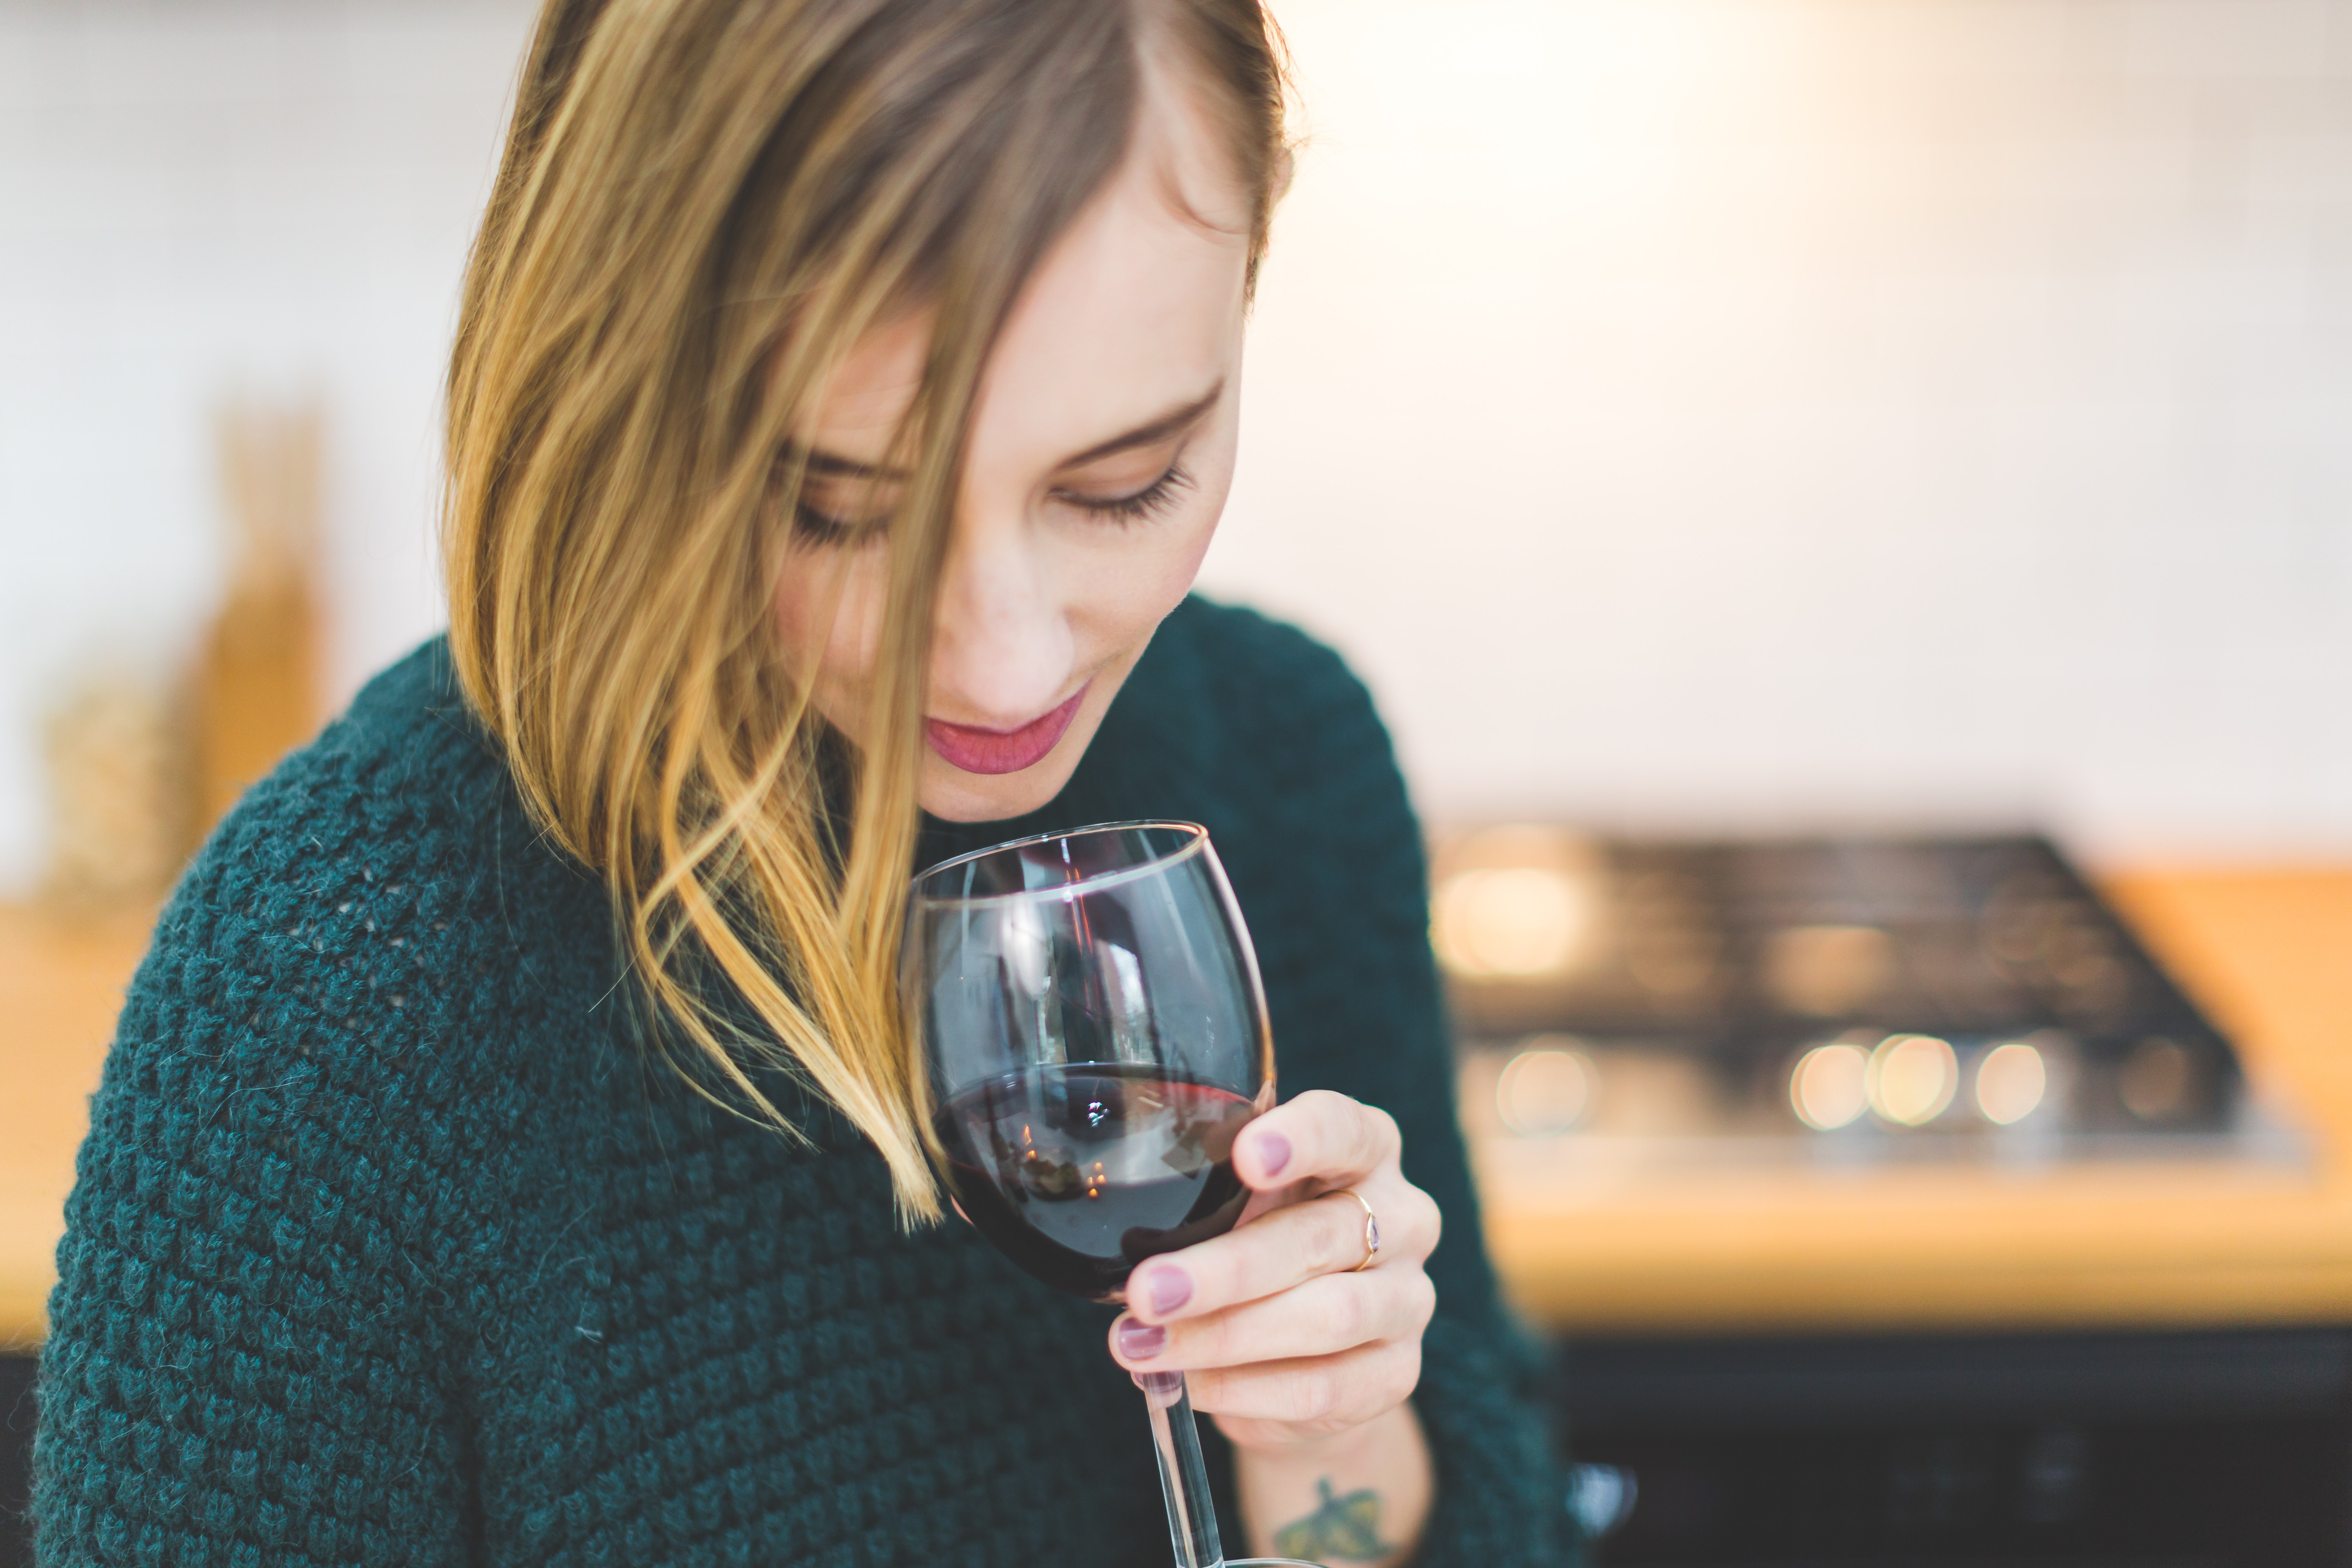 c79b6f22cd A bor antioxidáns tulajdonságai segíthetnek torokfájás esetén